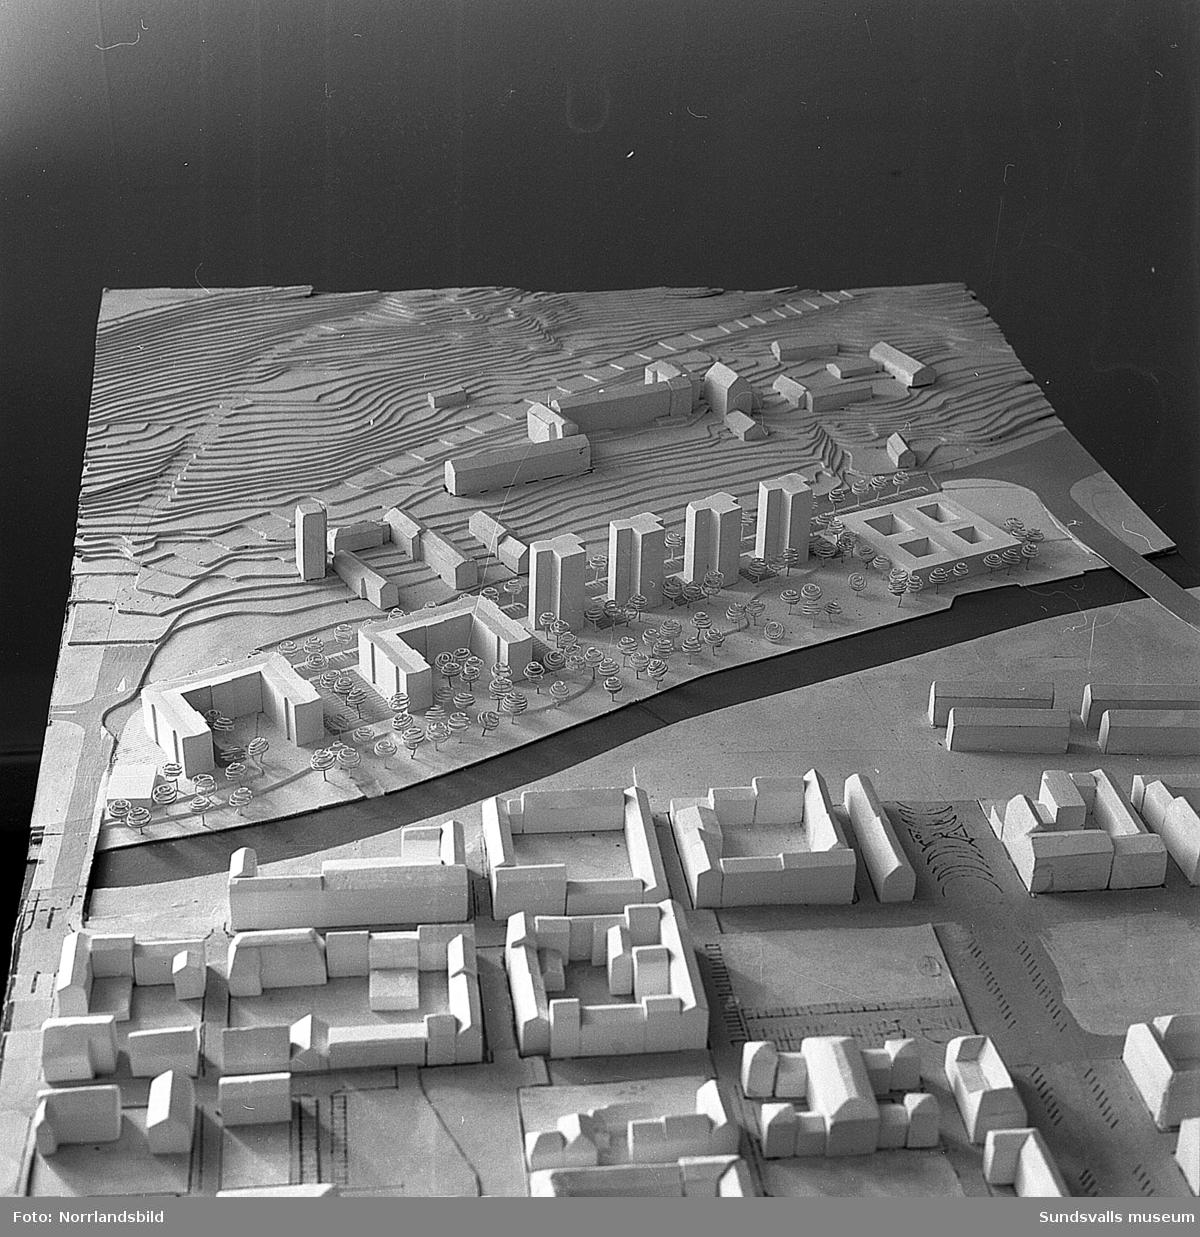 Modell av planerna för det nya Norrmalm 1959. Det enda som blev verklighet var SCA-huset, vilket redan var påbörjat och invigdes 1960.